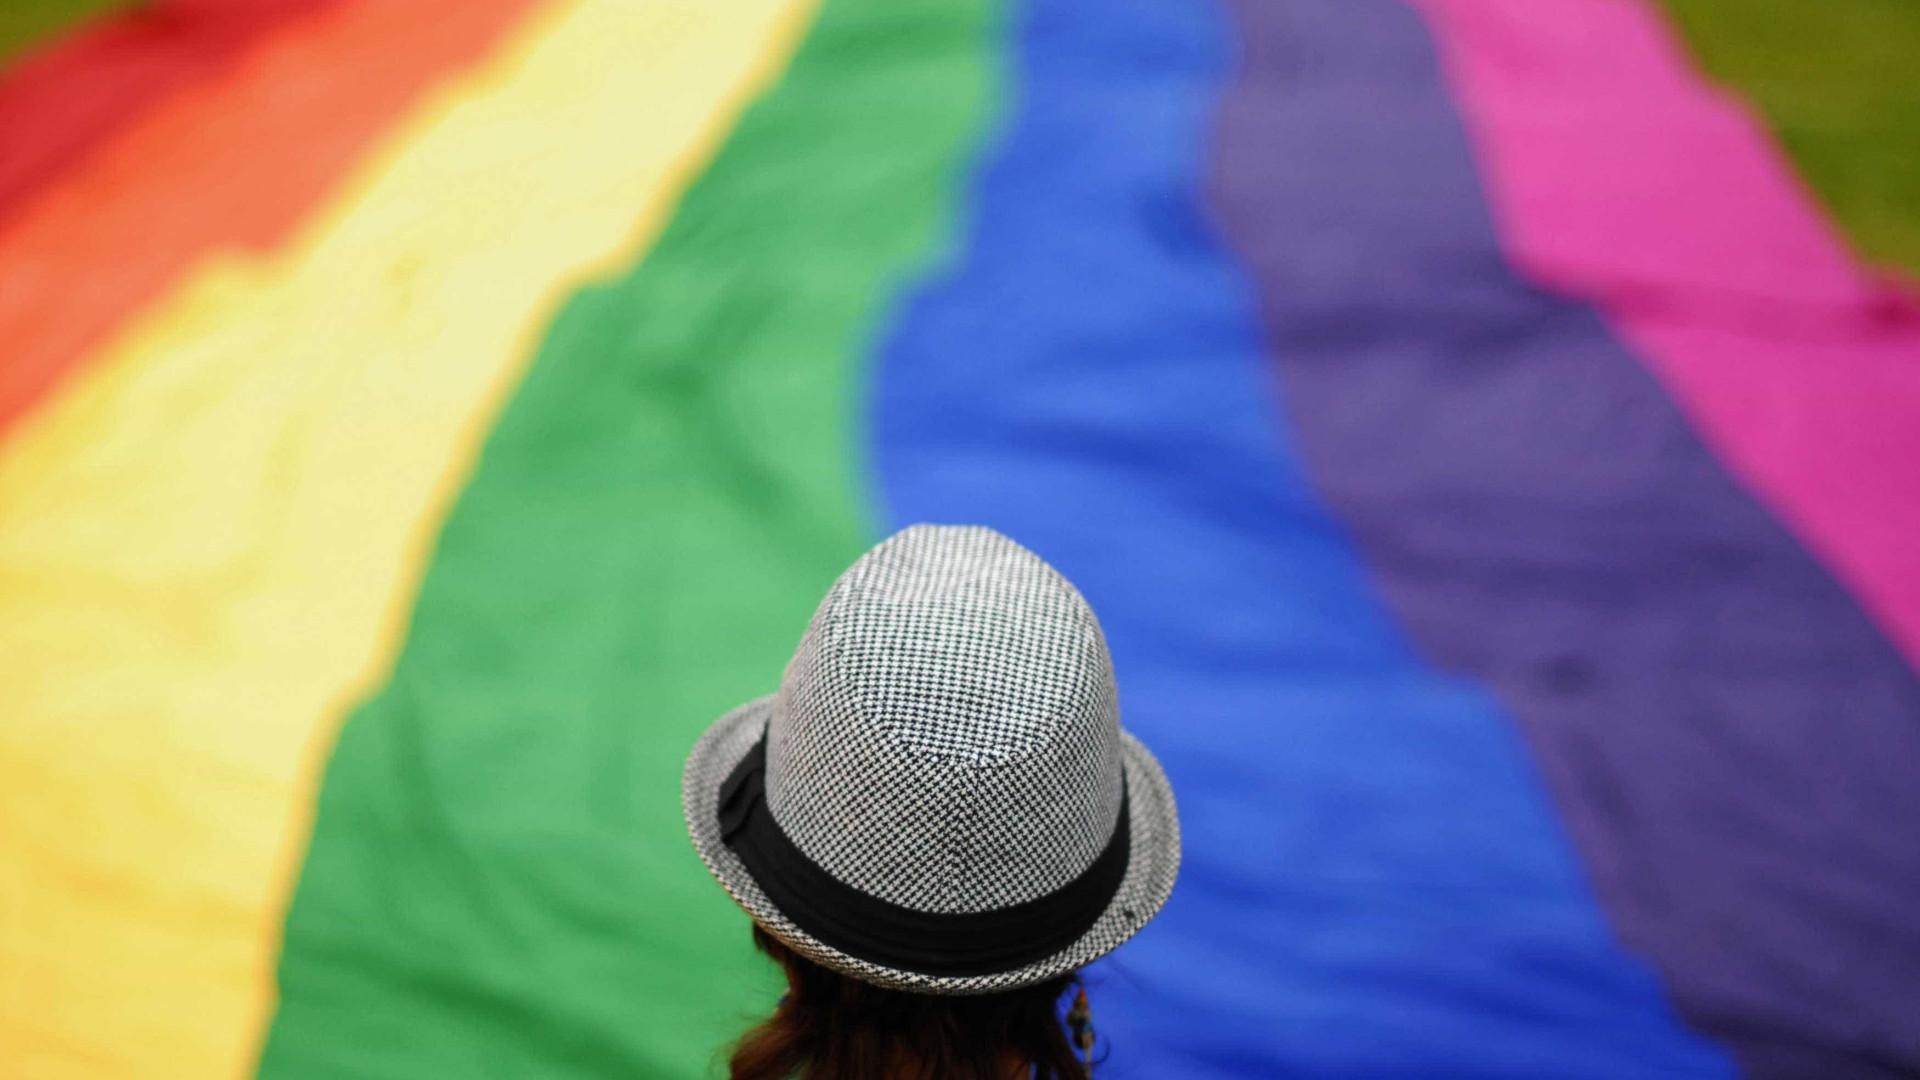 Parlamento condena perseguição a cidadãos LGBGTI no Azerbaijão